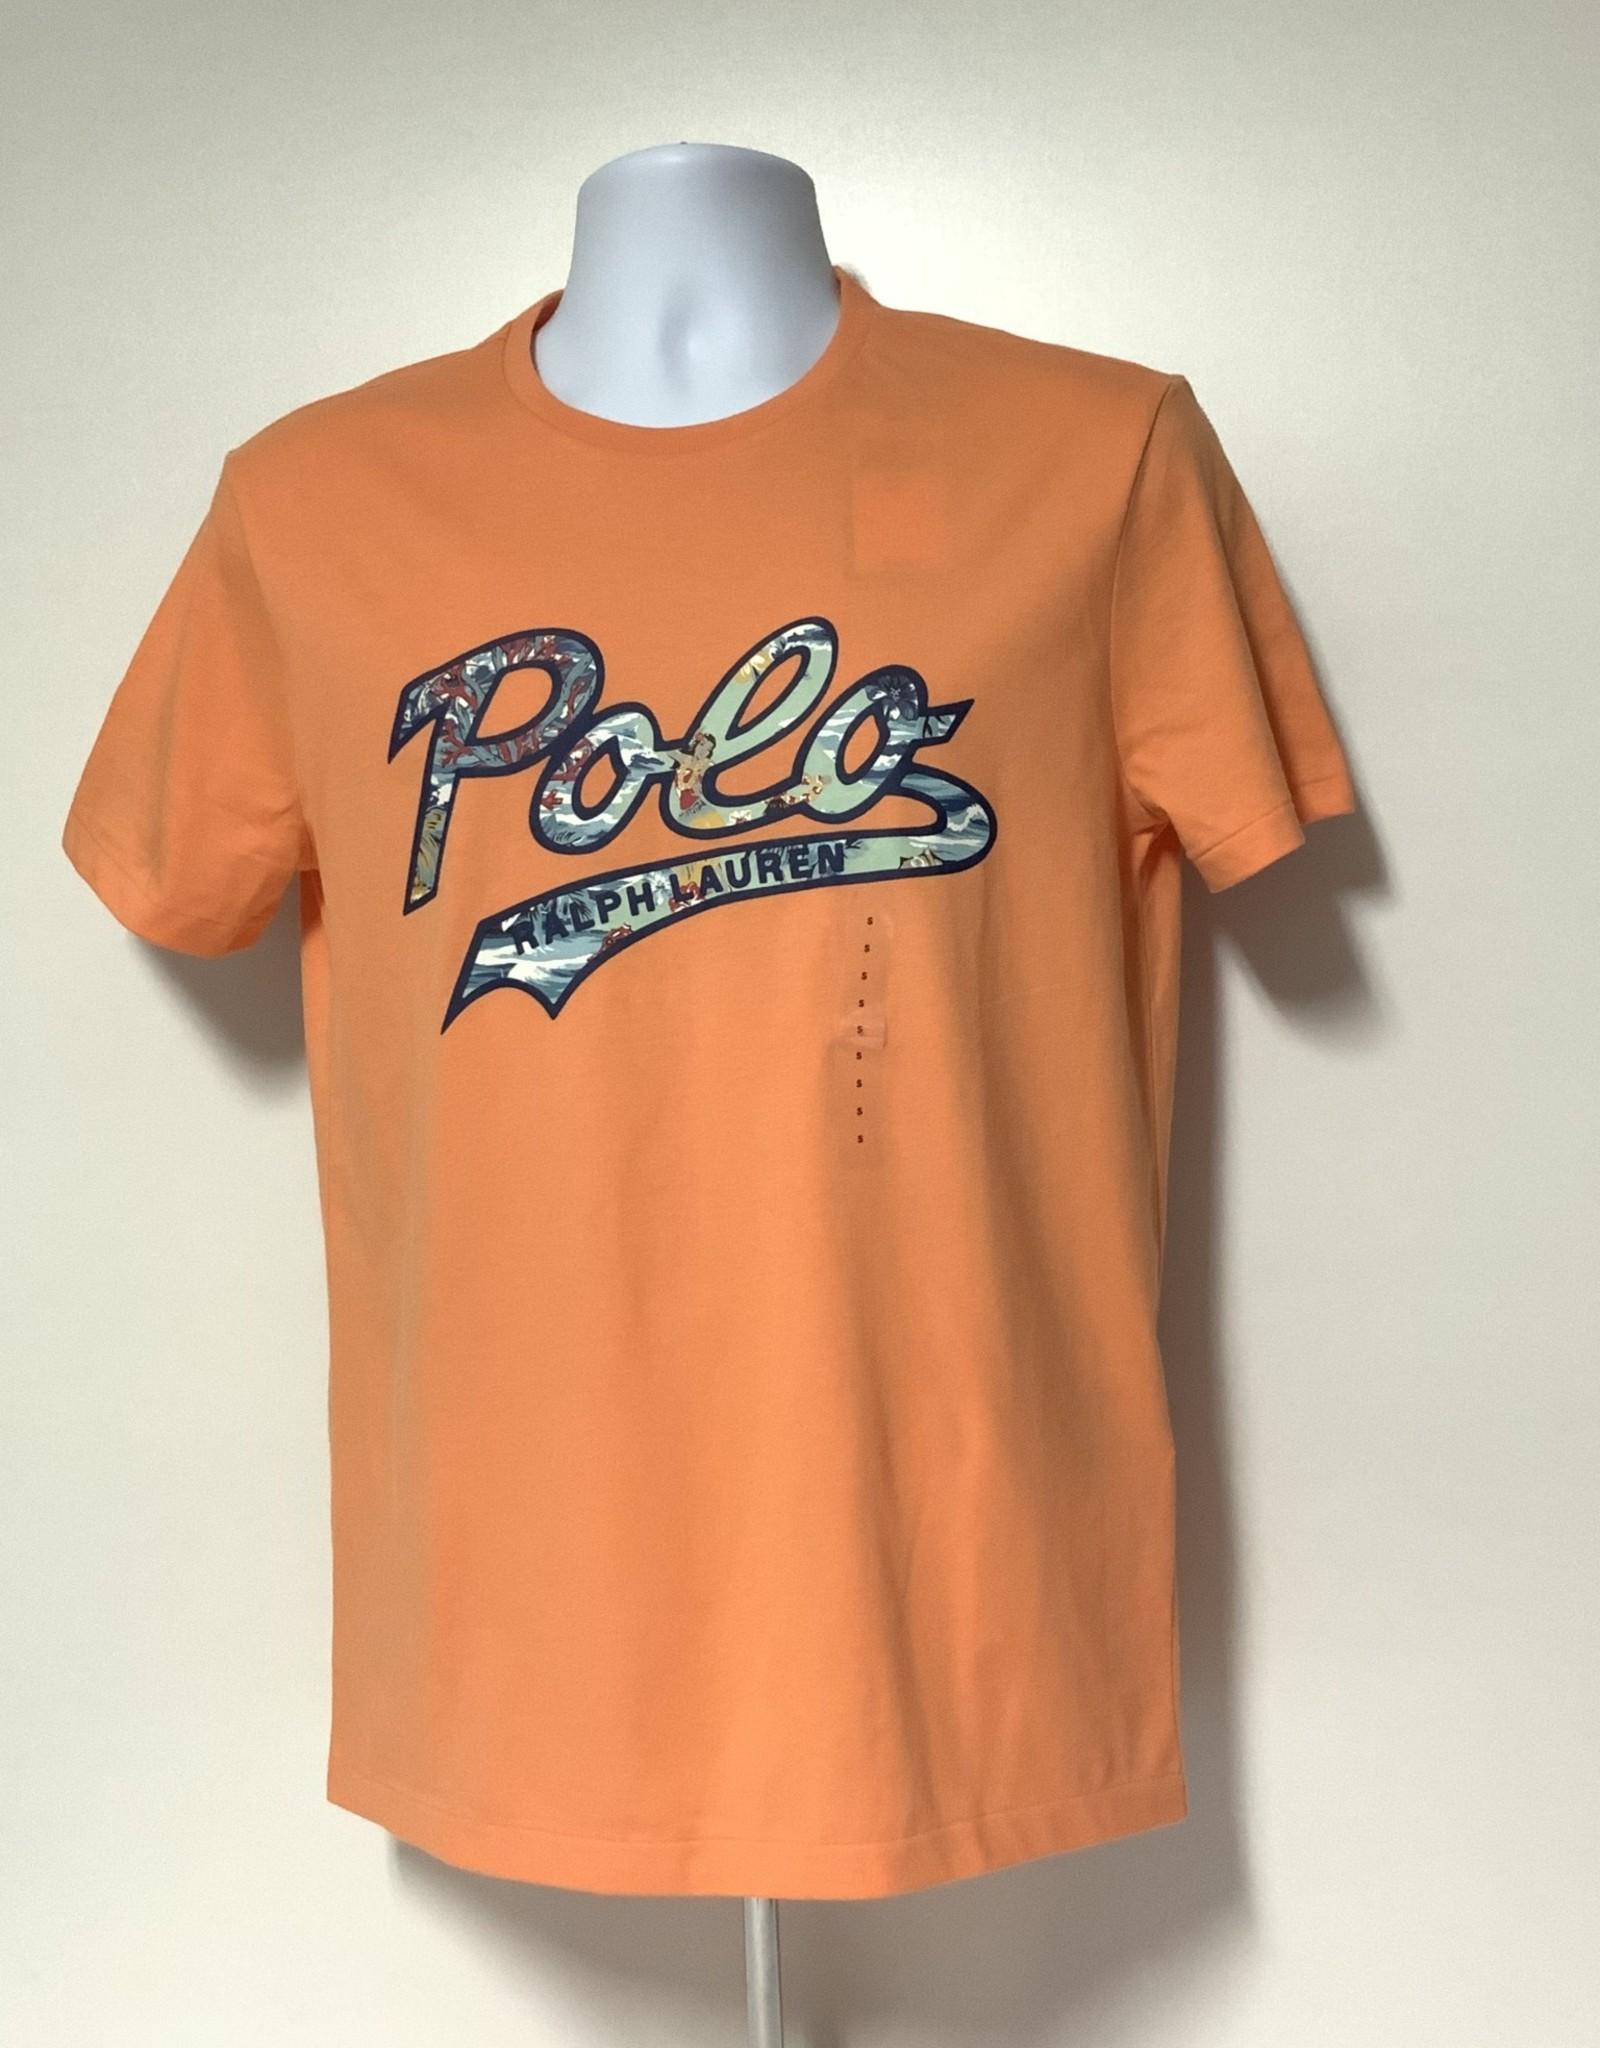 Polo Ralph Lauren Polo Ralph Lauren Tee Crew Neck